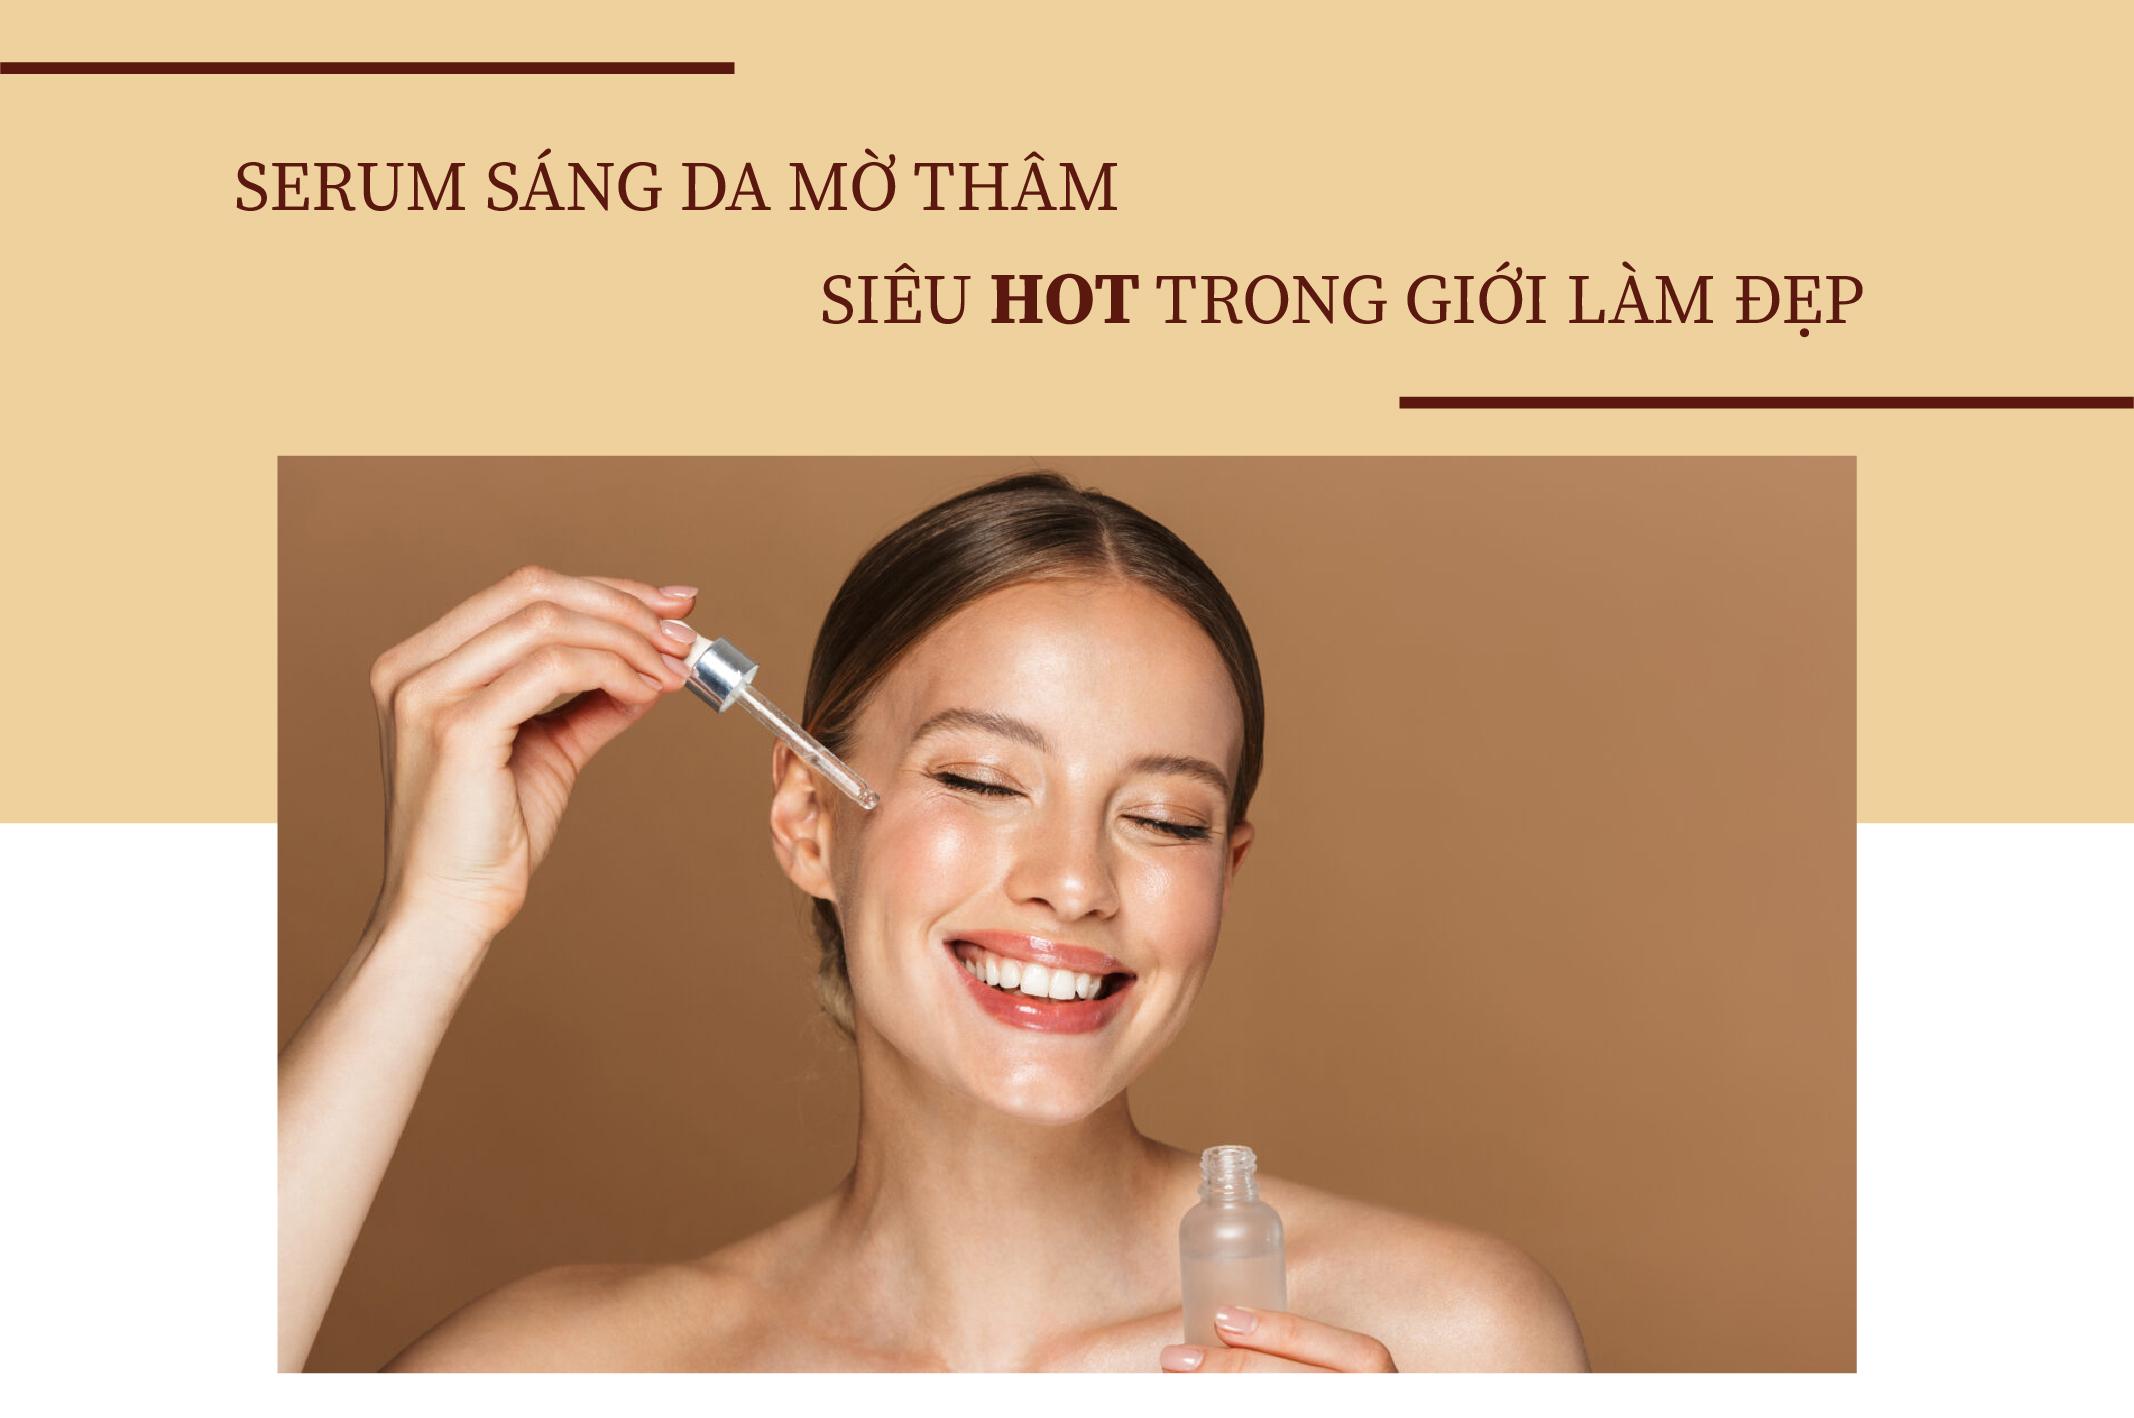 serum-lam-sang-da-mo-tham-sieu-hot-trong-gioi-lam-deo